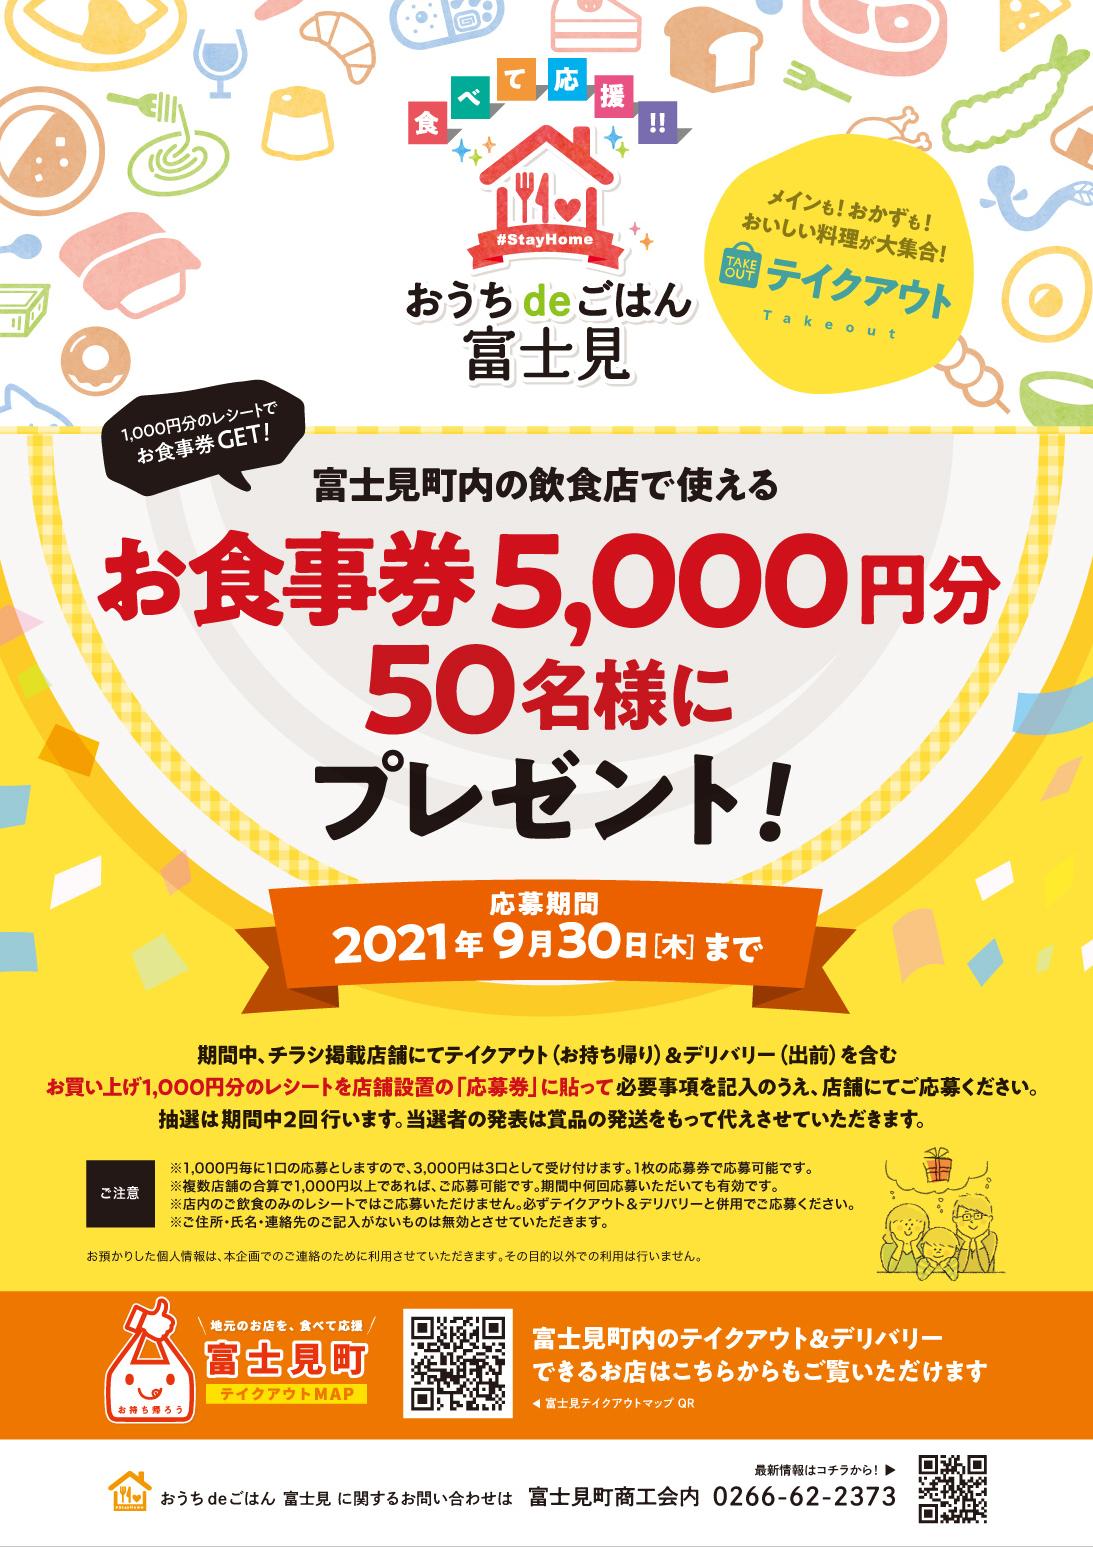 おうちdeごはん富士見 クーポン券プレゼントキャンペーン中です!